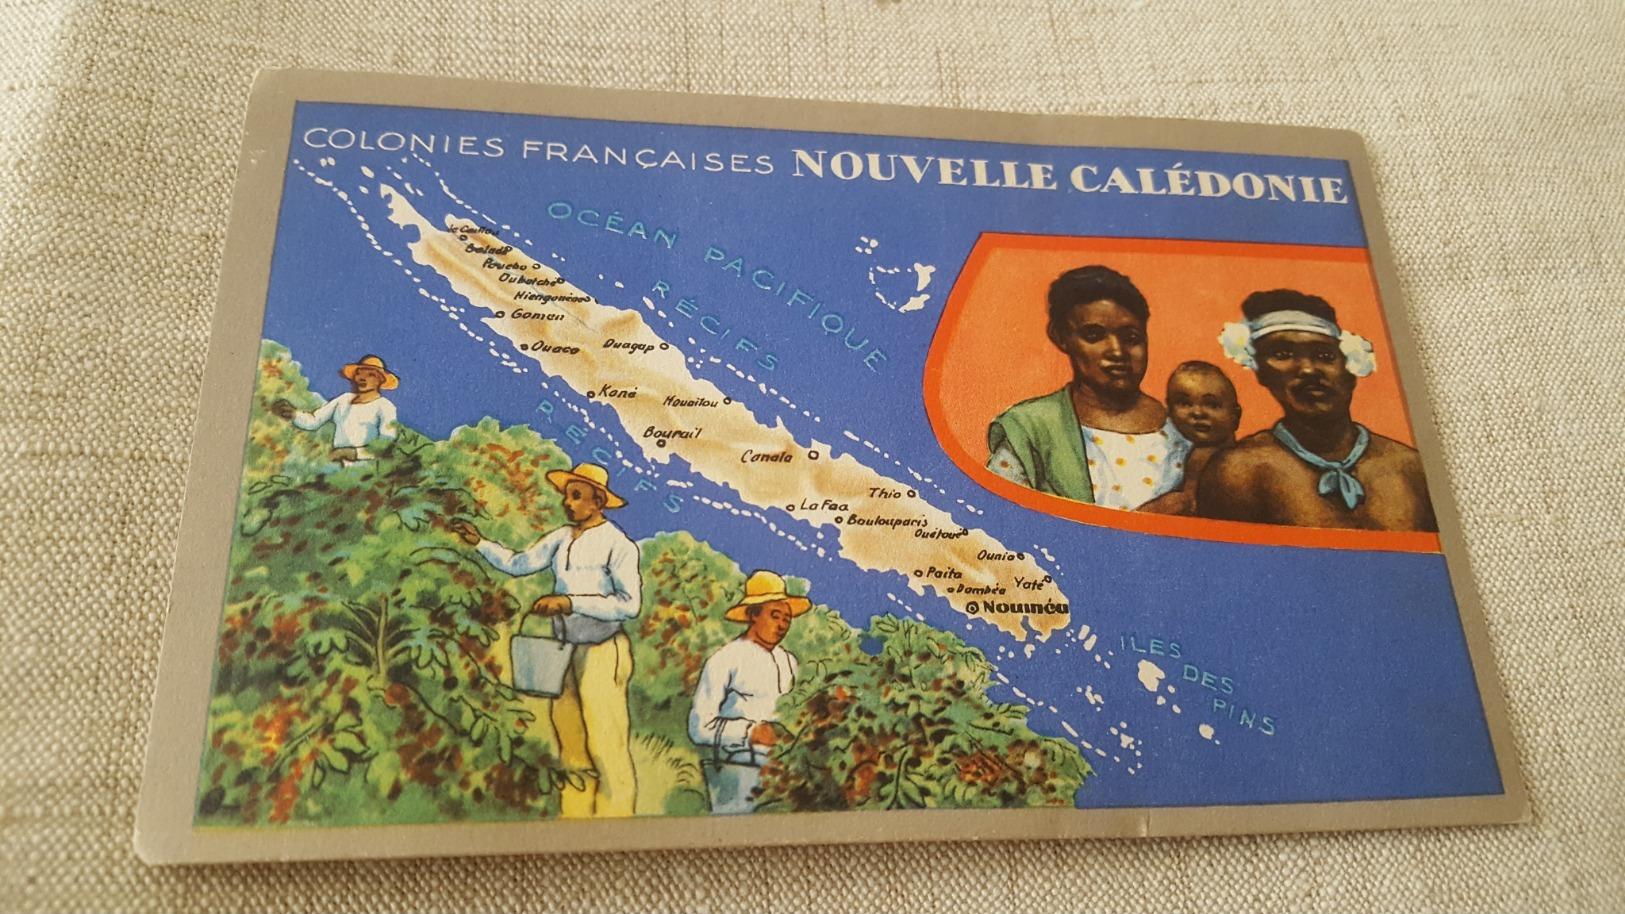 COLONIES FRANÇAISES NOUVELLE CALÉDONIE - Postcards